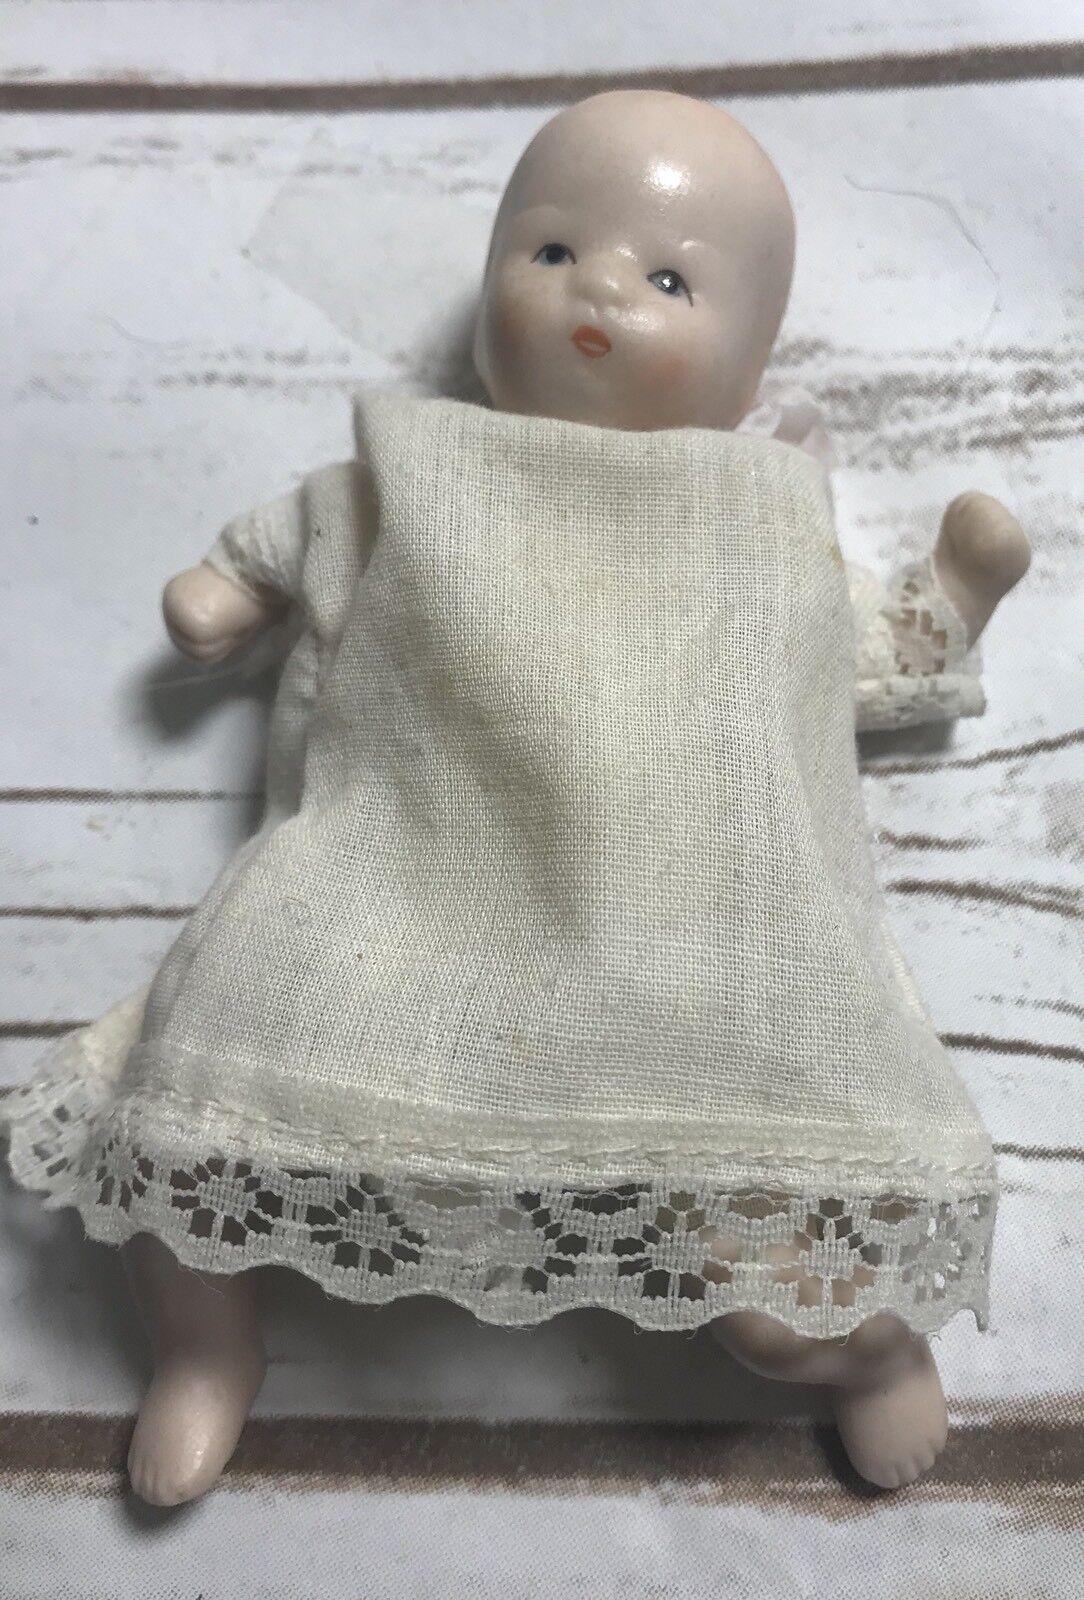 ANTIQUE TINY BISQUE bambino bambola Cloth  Torso He Painted Dress Lace Trim Vintage  merce di alta qualità e servizio conveniente e onesto